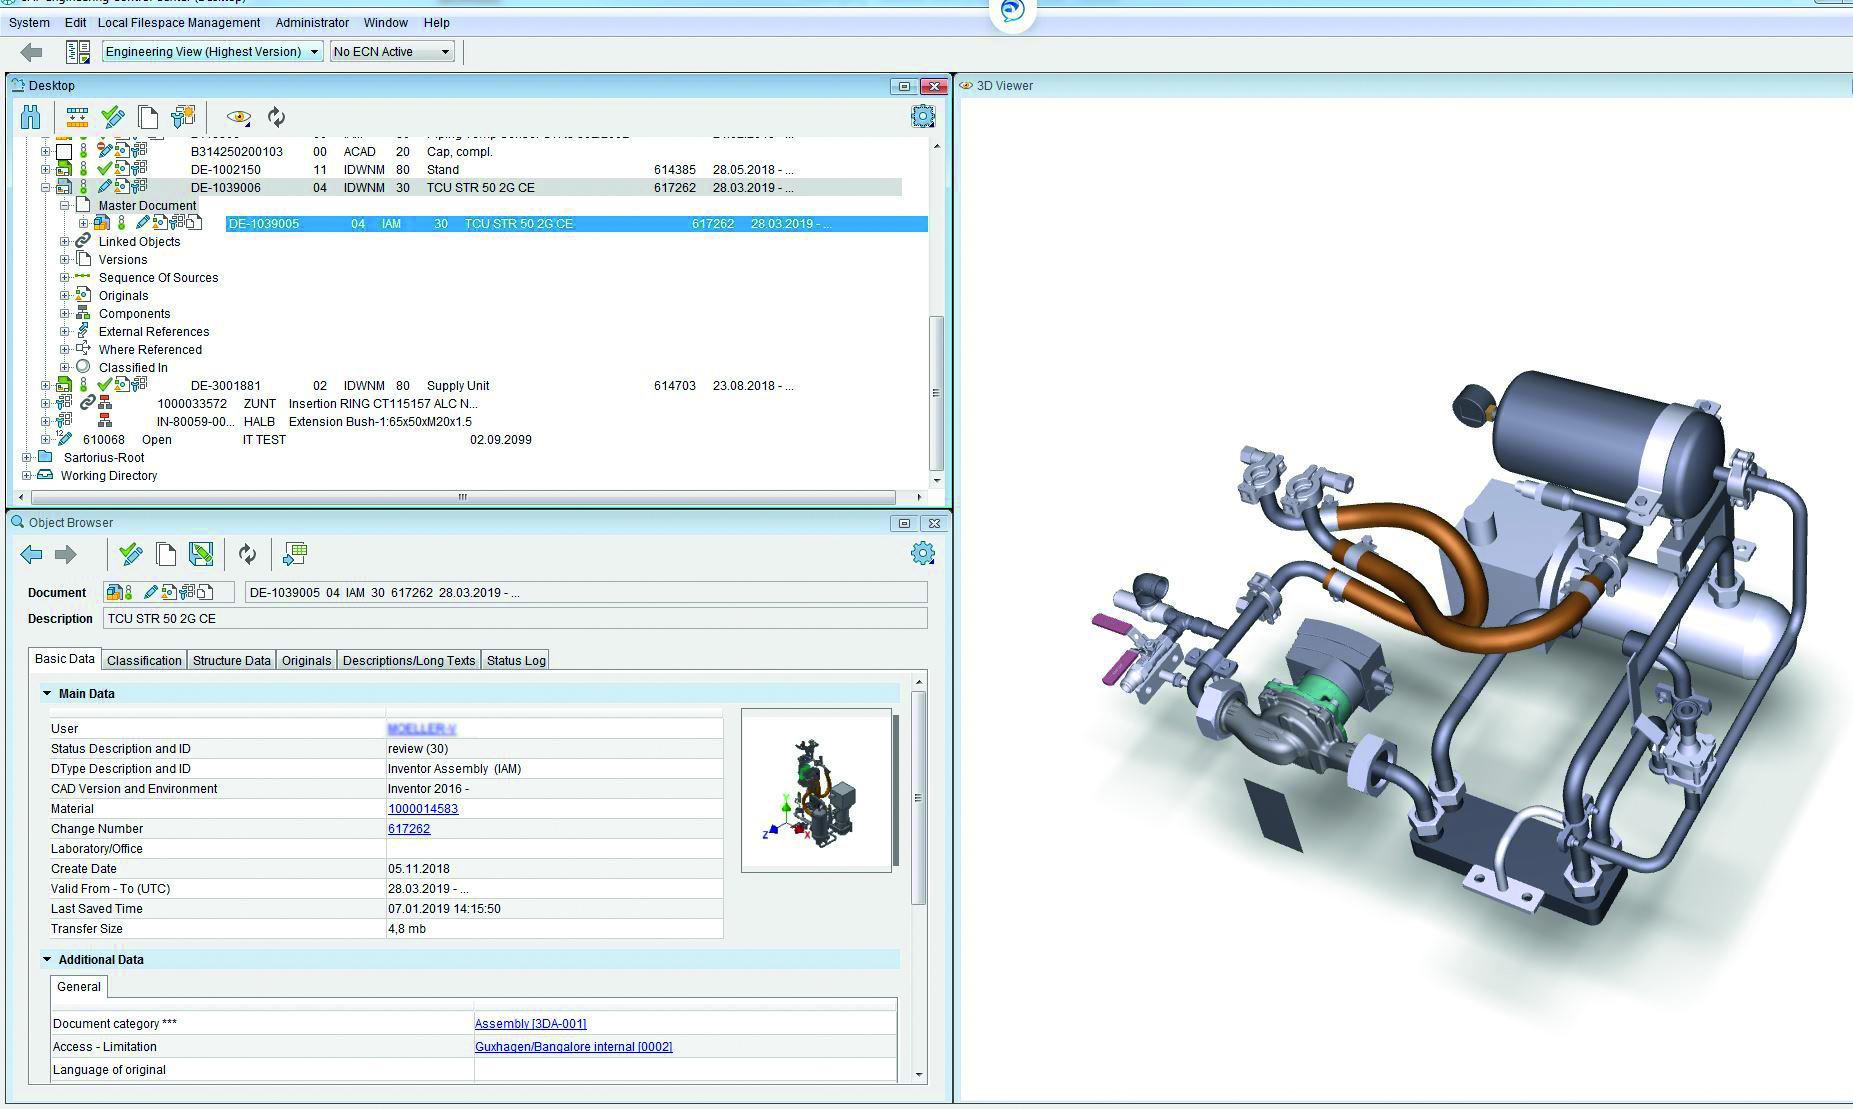 Eine Inventor-Baugruppe im integrierten 3D Viewer der SAP ECTR-Oberfläche. (Bild: Sartorius AG)